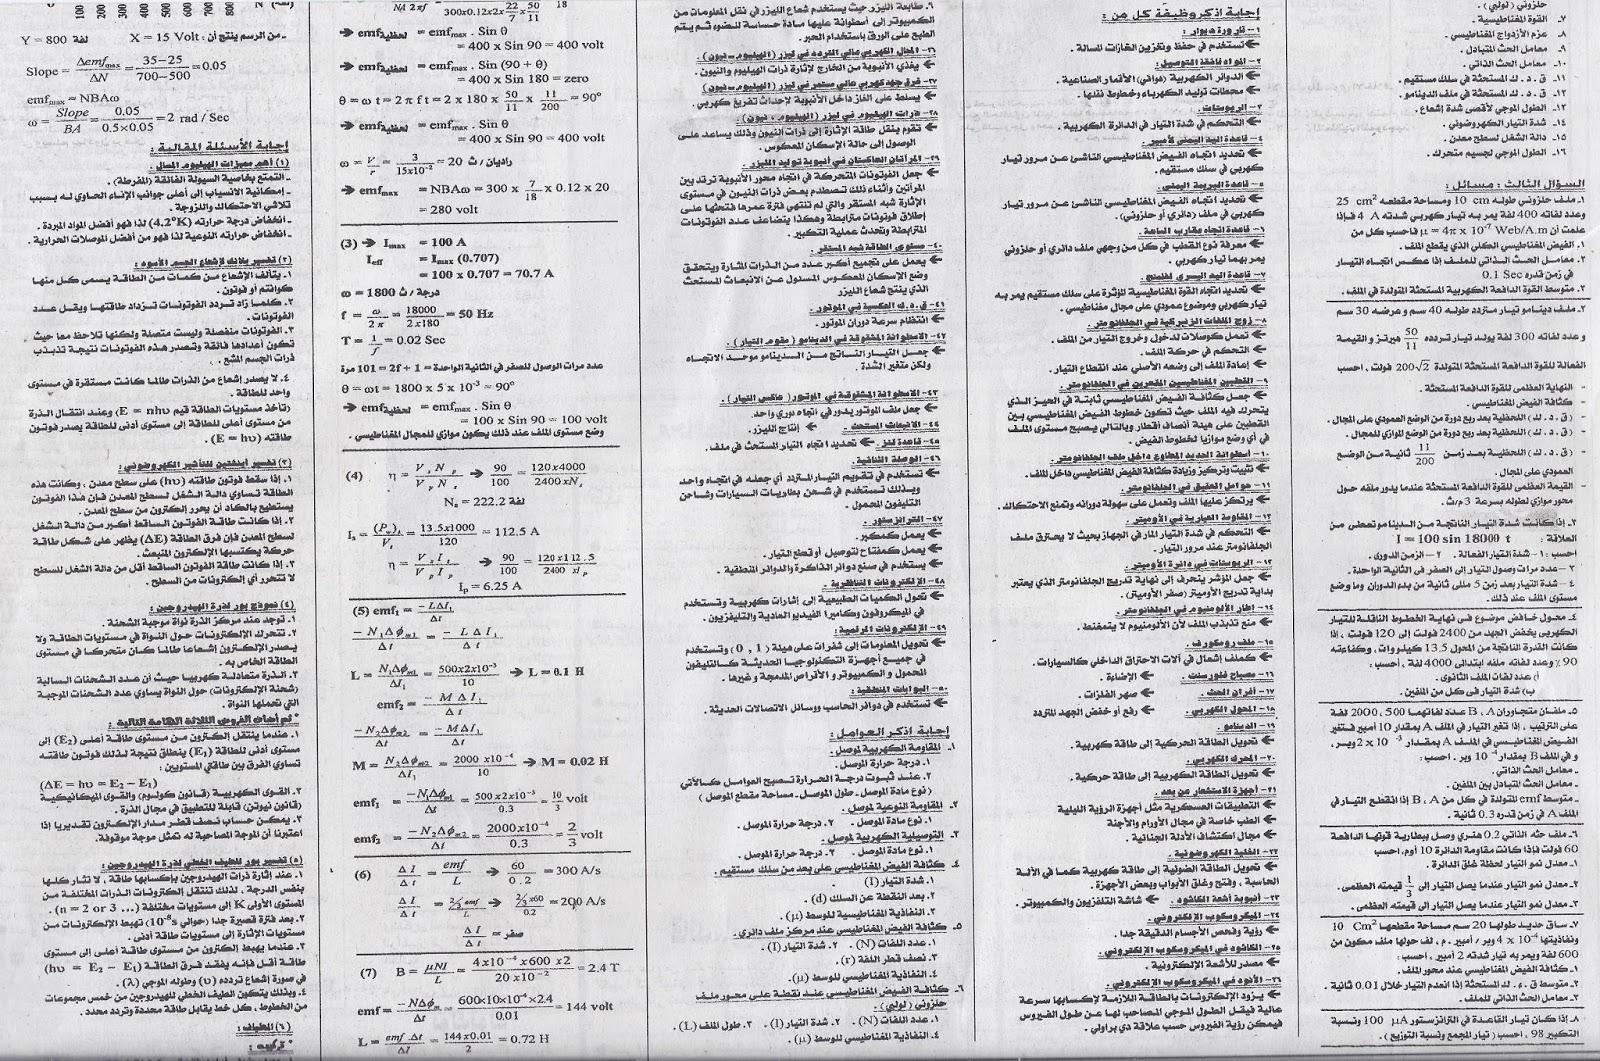 نشر ثاني مراجعة فيزياء من اقوي اربع مراجعات ينشرها ملحق الجمهورية لامتحان لثانوية العامة 2015 نظام حديث Www.modars1.com_112